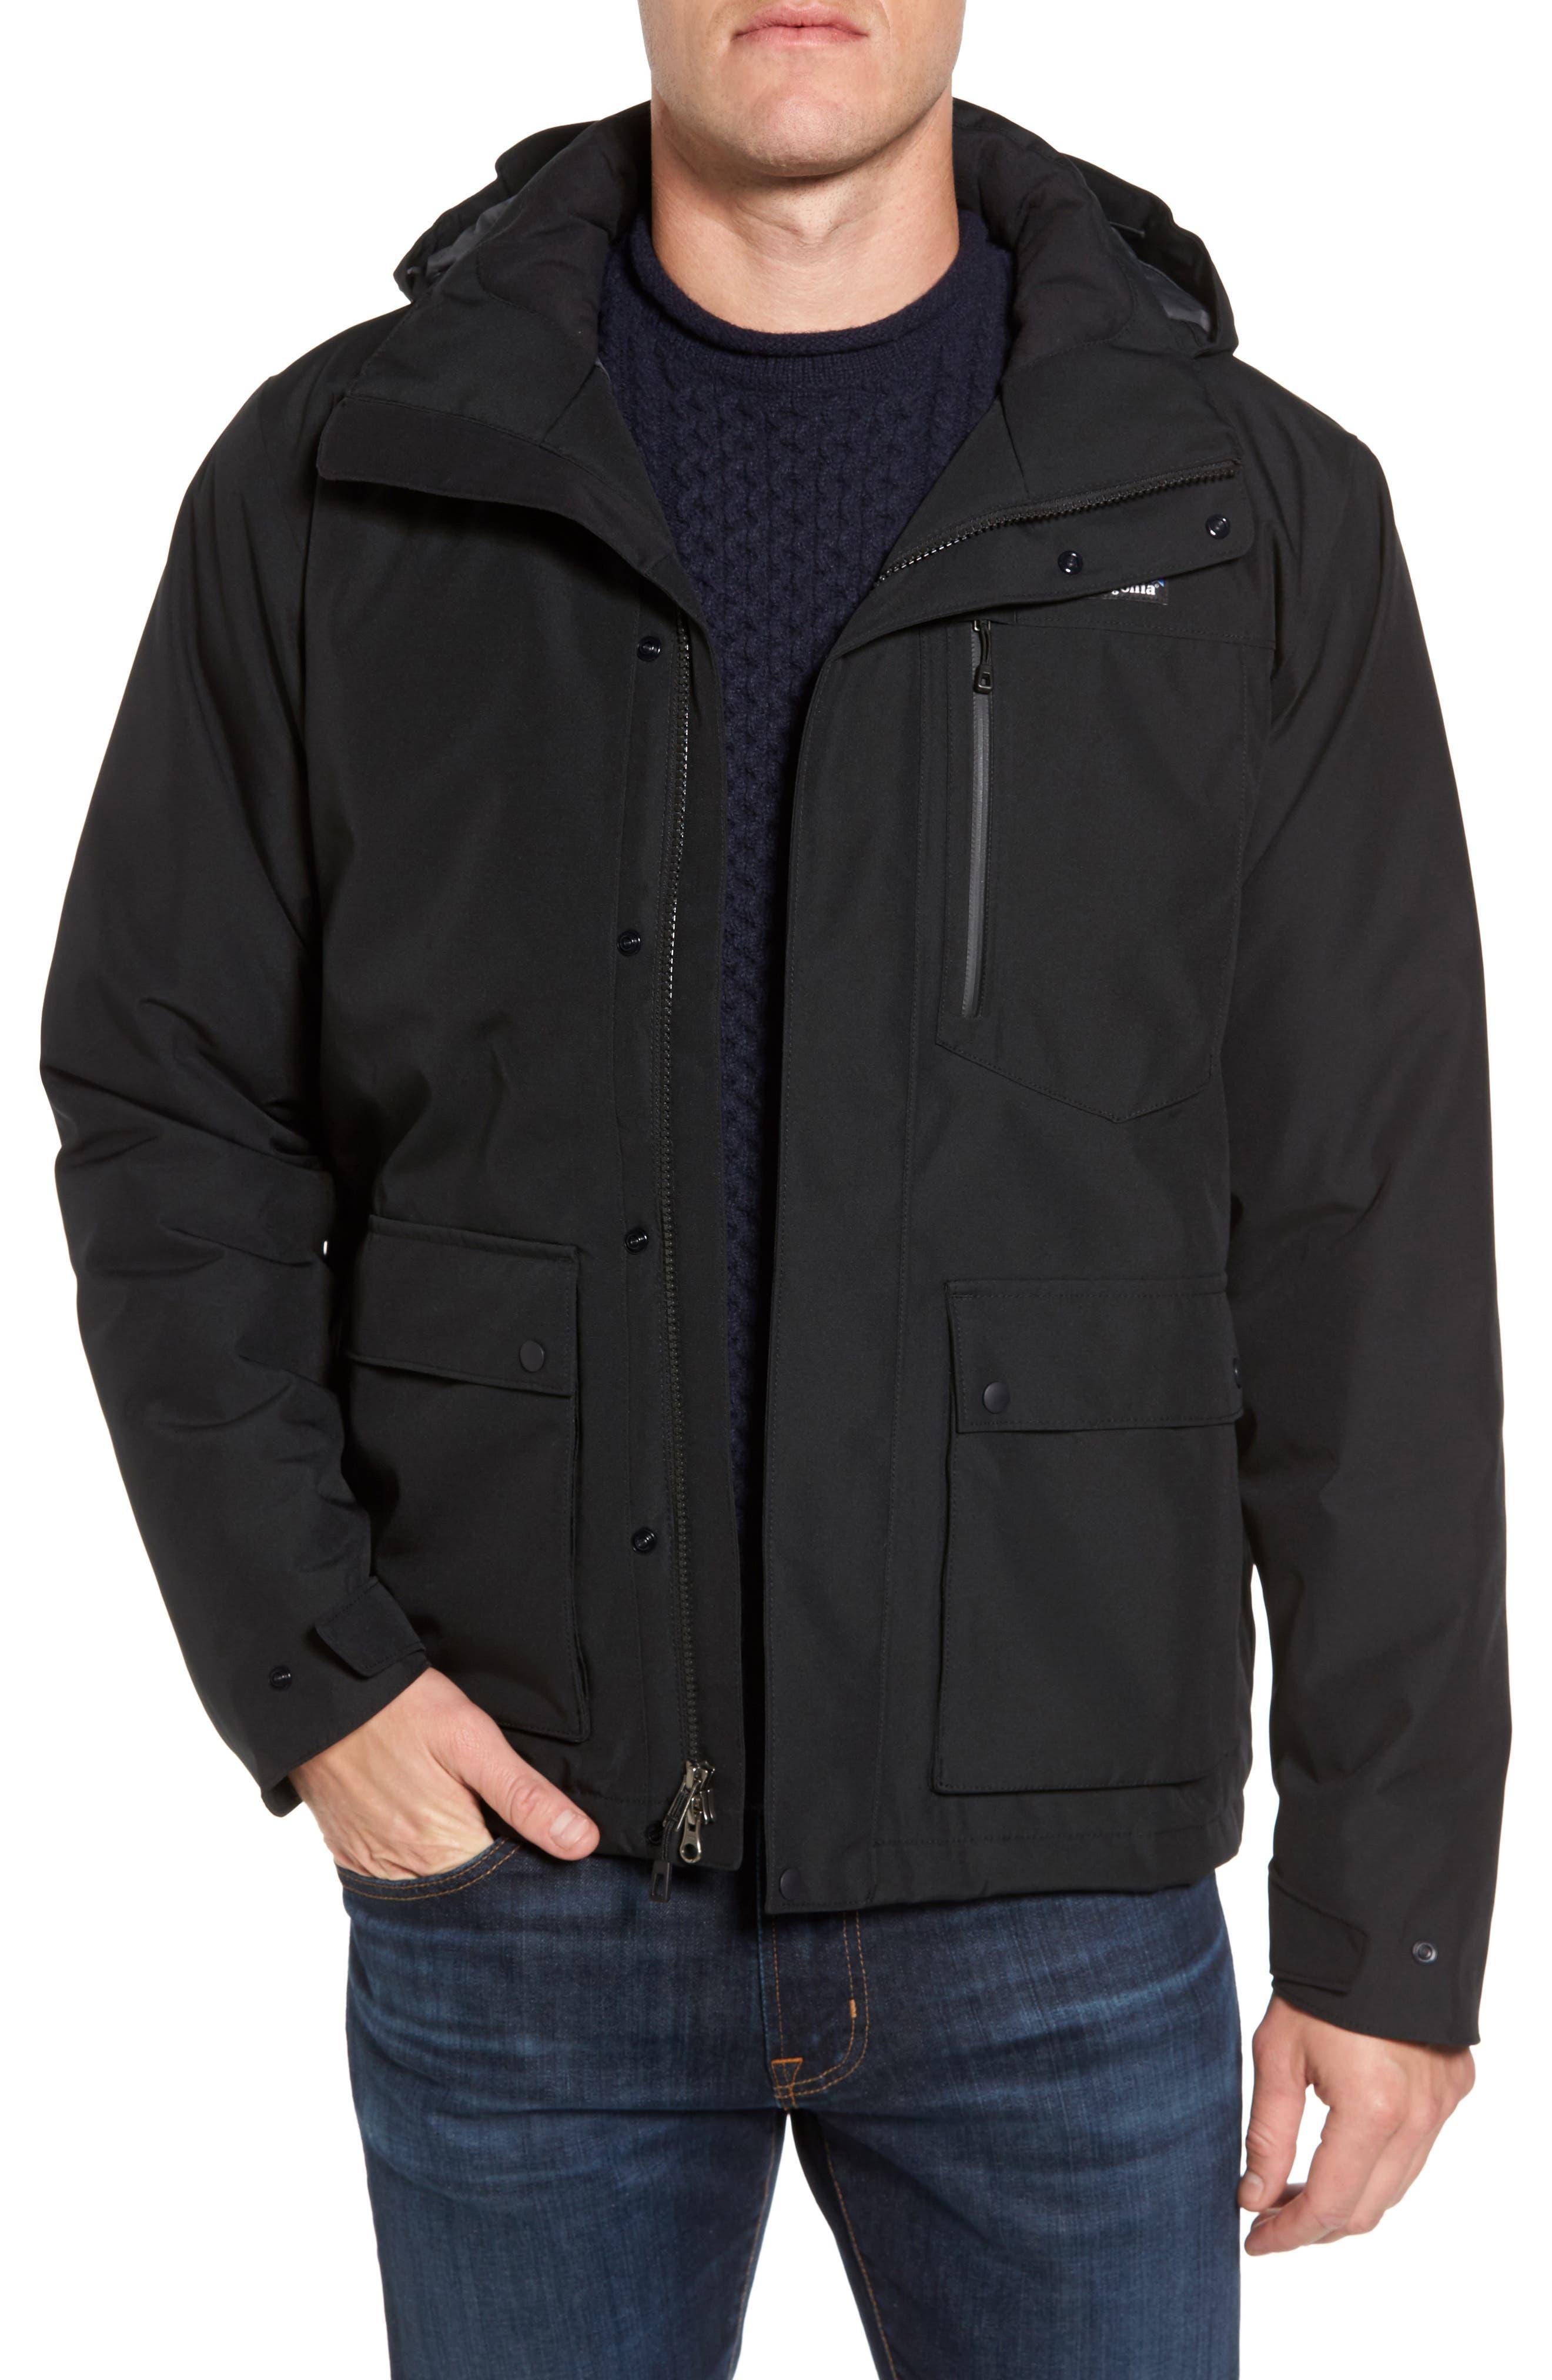 Topley Waterproof Down Jacket,                             Main thumbnail 1, color,                             001